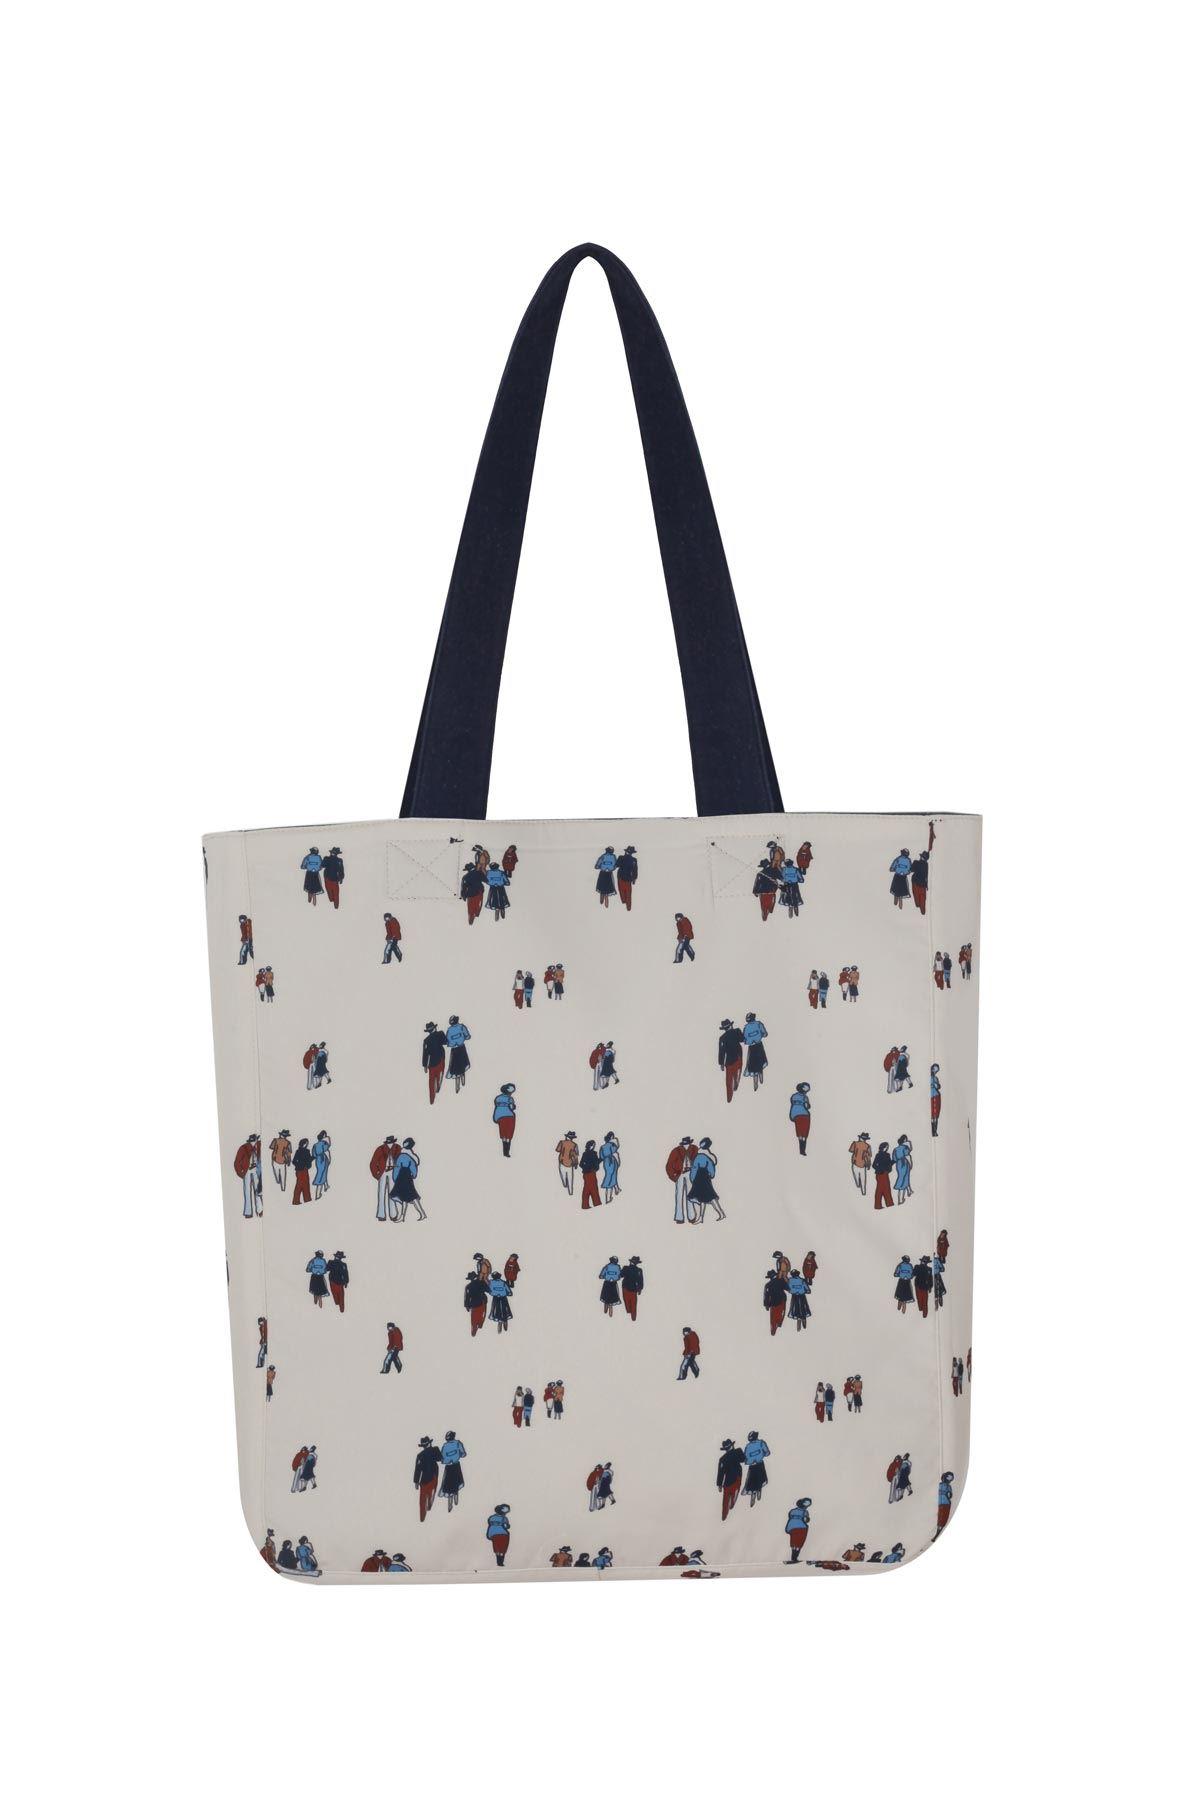 Kadın erkek figürlü çift taraflı kot çanta Mavi